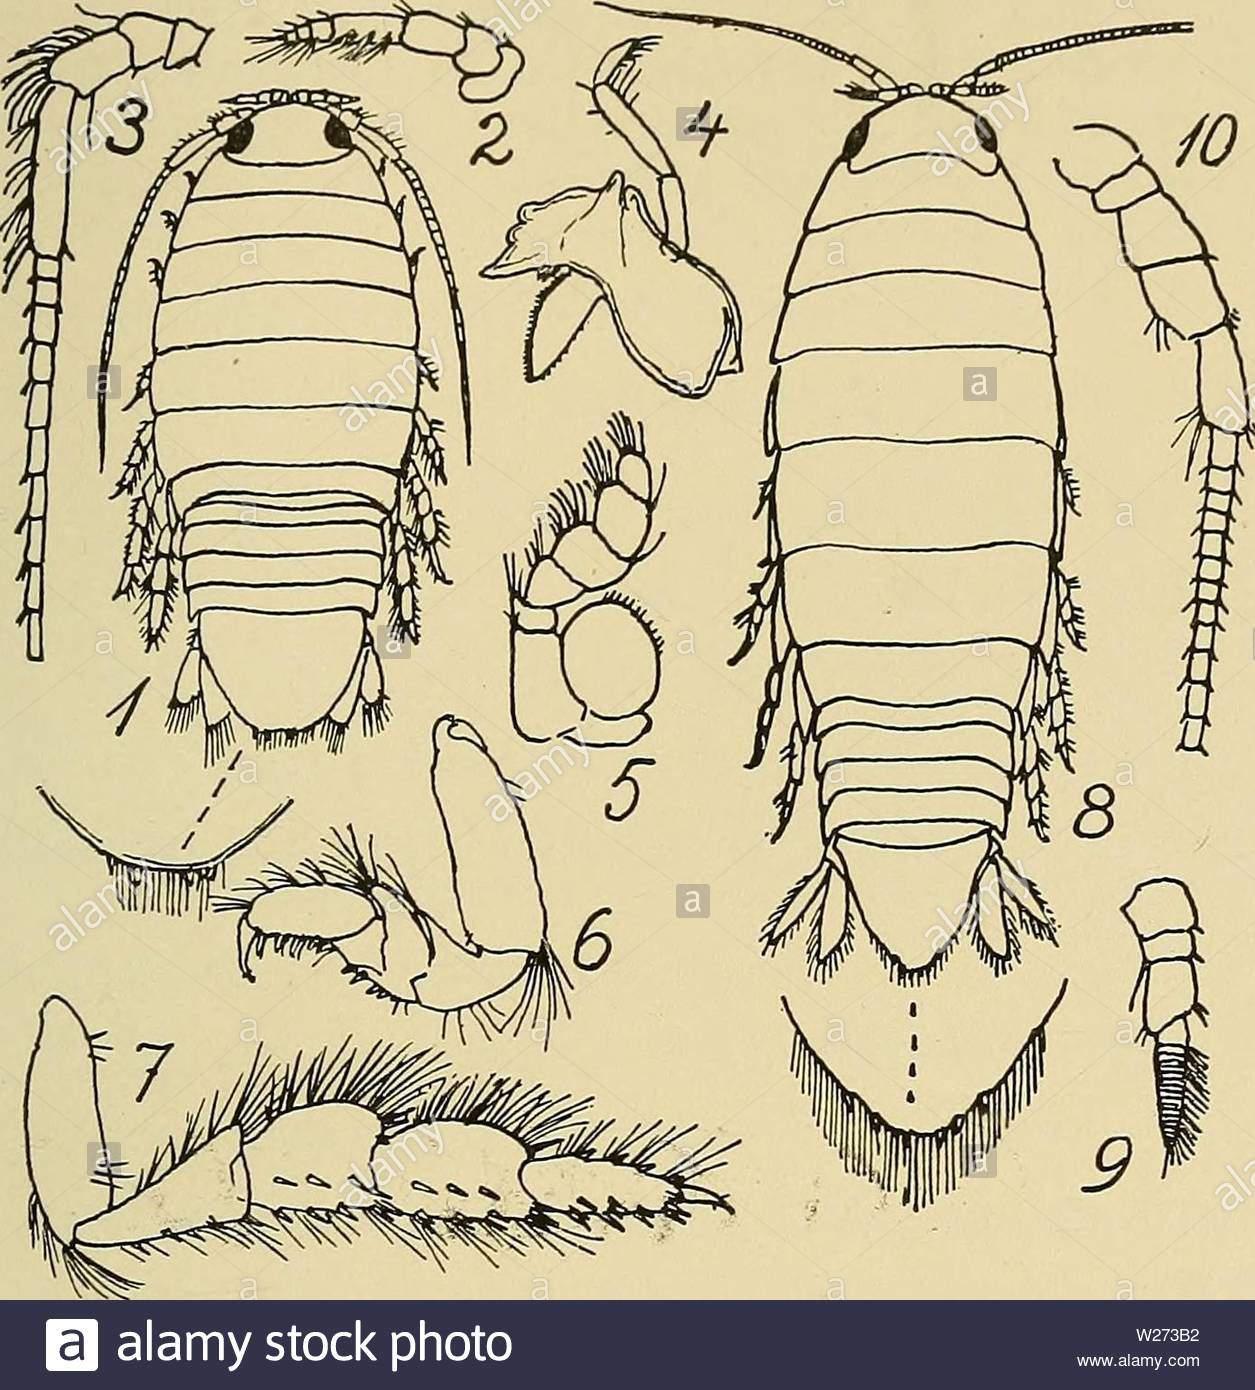 archiv bild von seite 36 der danmarks fauna illustrerede haandbger uber danmarks fauna illustrerede haandbger uber den danske dyreverden danmarksfaunaill 53 dans jahr 1907 33 mer godt th mortensen 1921 skriver om eurydices og amphipoden bathyporeias forekomst ved danske sand strande bei begge ehemalige ses losgibst naar ved vandet ind abb 61 7 eurydice pulchra 1 2 3 1 2 flehorn 4 art bakke 5 kaebefod 6 7 1 og 7 kropben 8 10 cirolana borealis 8 9 10 1 2 flehorn sidstnaevntes svbe afkortet efter sars traedende hjvande stiger ganske jaevnt w273b2